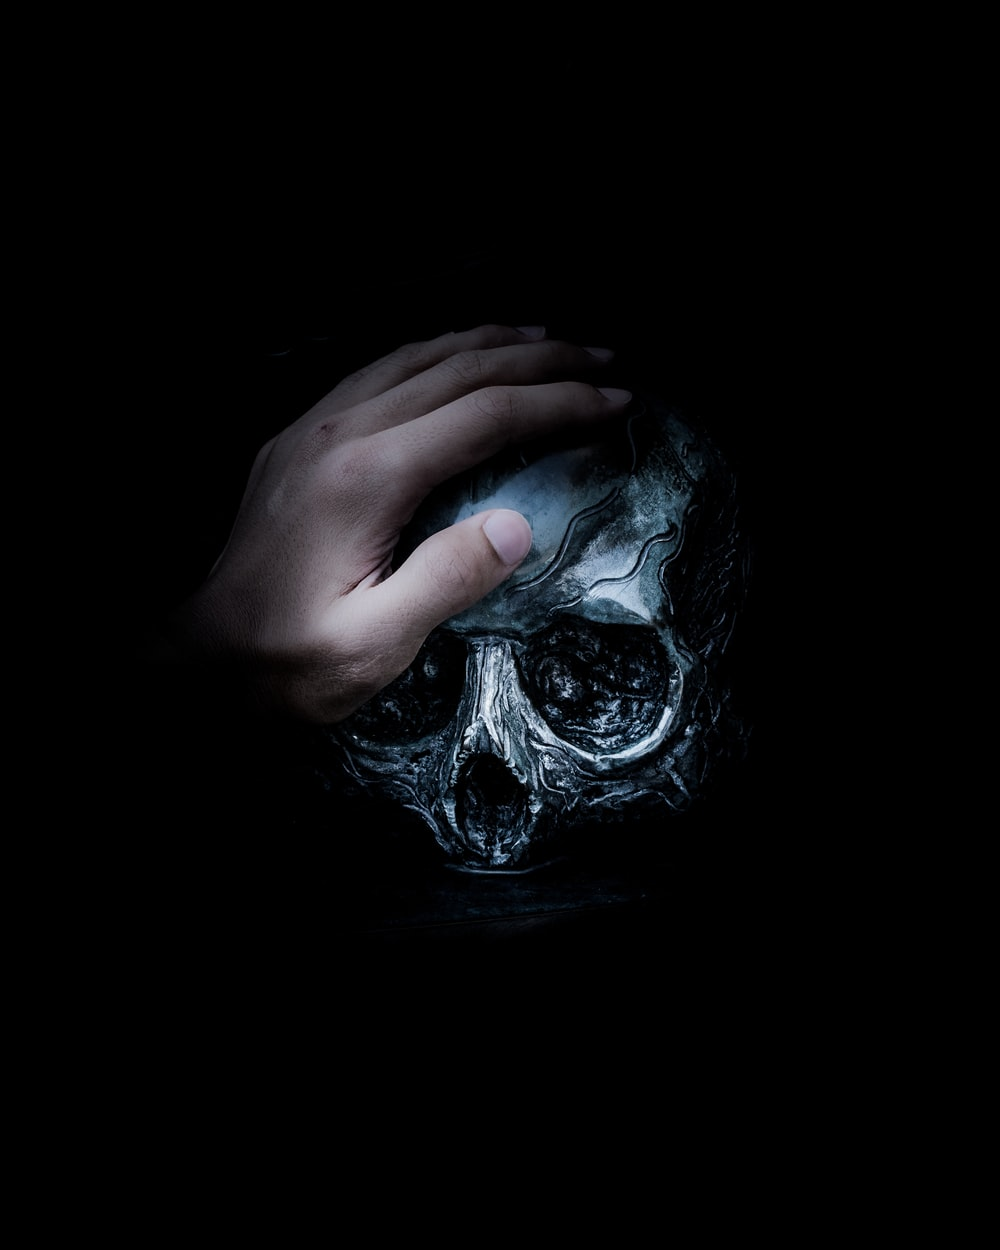 person holding gray skull illustration